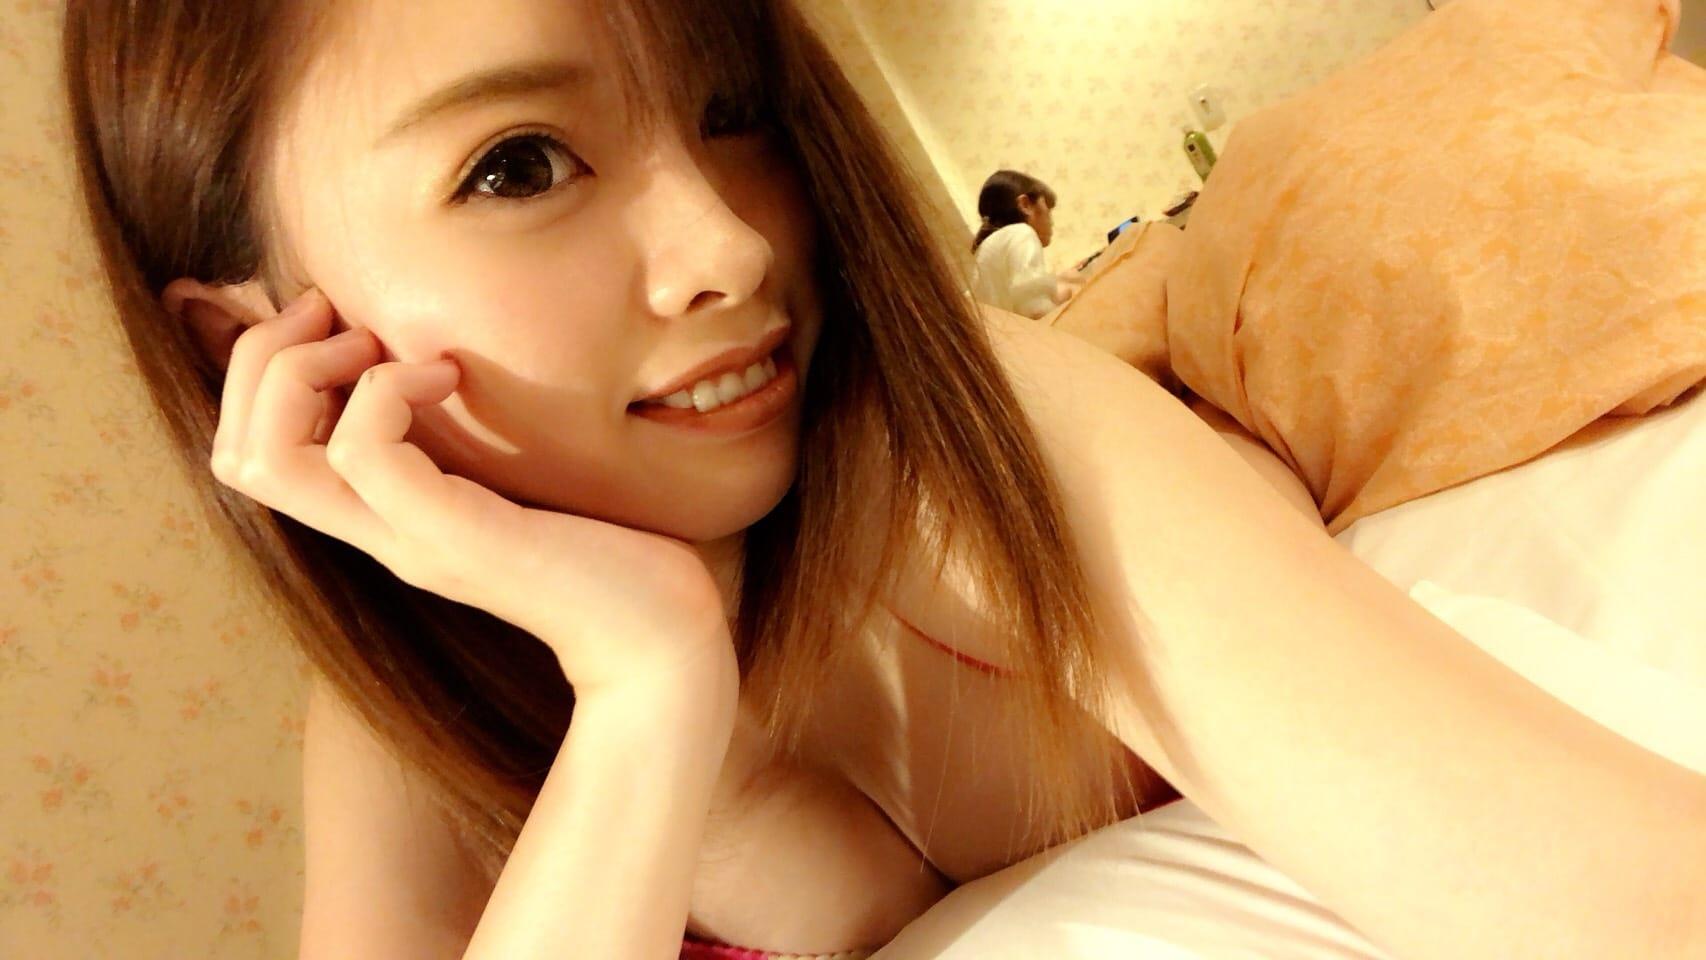 「おはよう\( ?o? )/」11/07(11/07) 15:30 | ロイヤルコースあすかの写メ・風俗動画